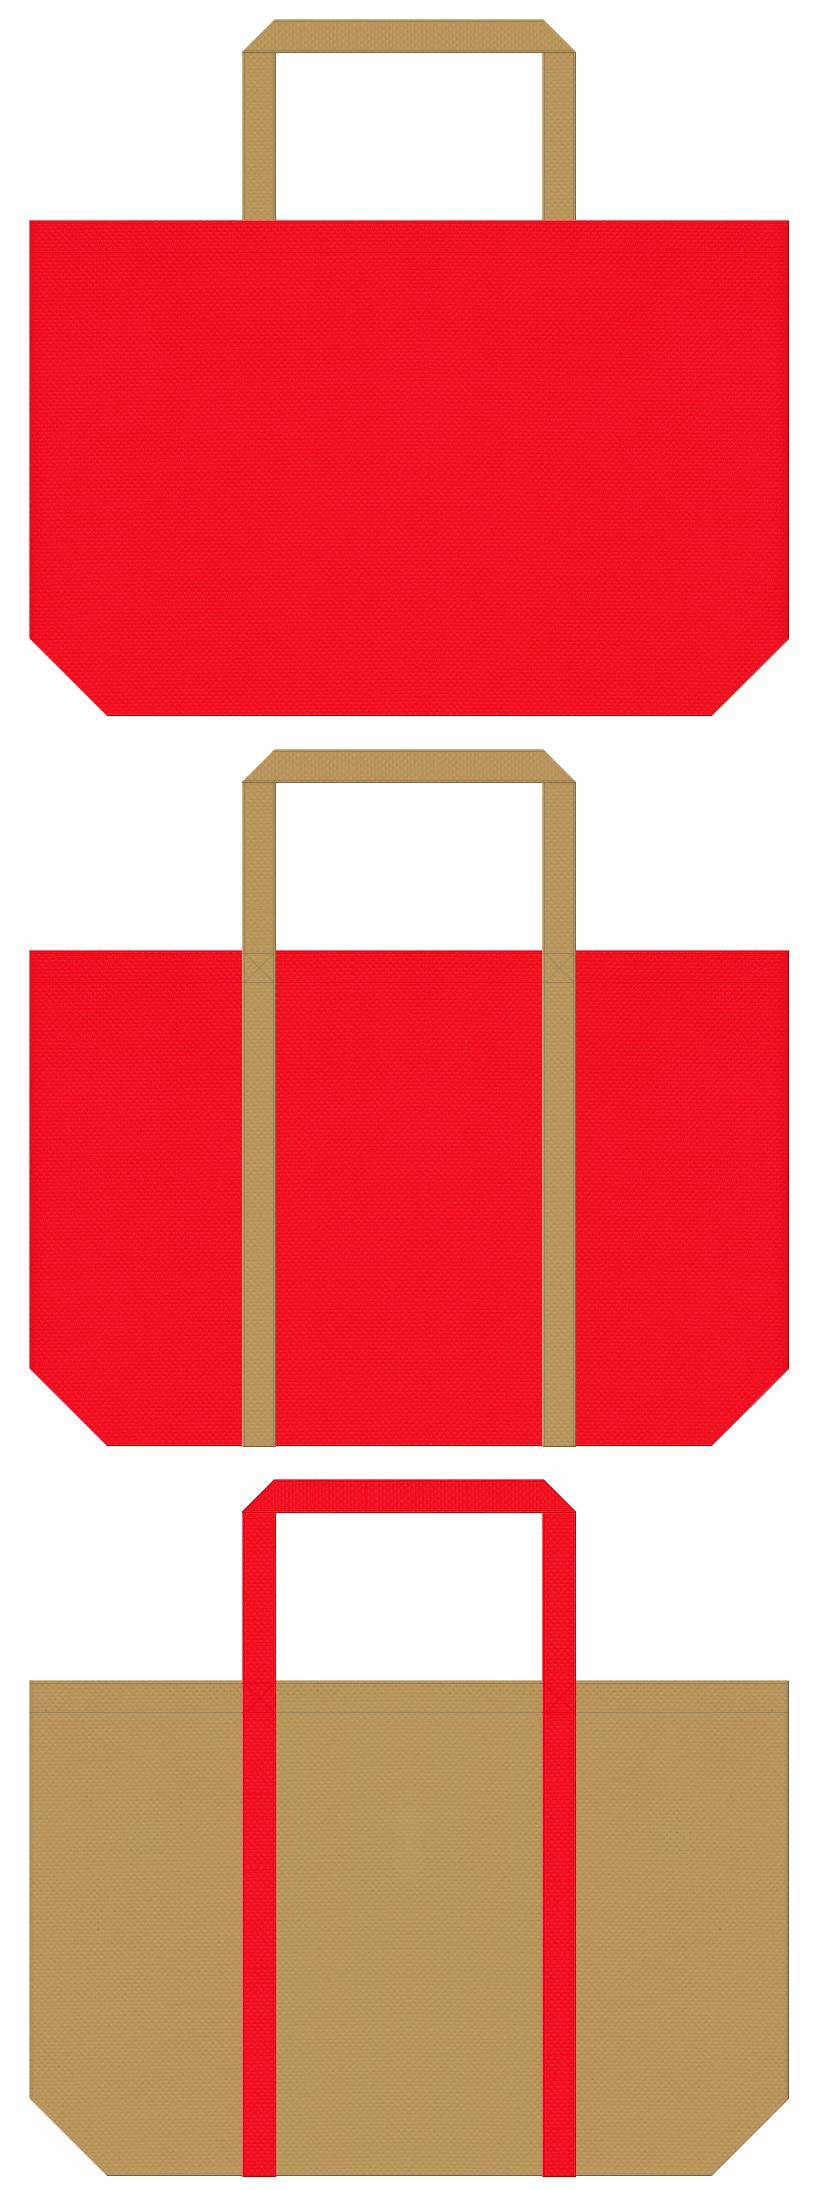 赤鬼・節分・大豆・一合枡・御輿・お祭り・和風催事・福袋にお奨めの不織布バッグデザイン:赤色と金黄土色のコーデ